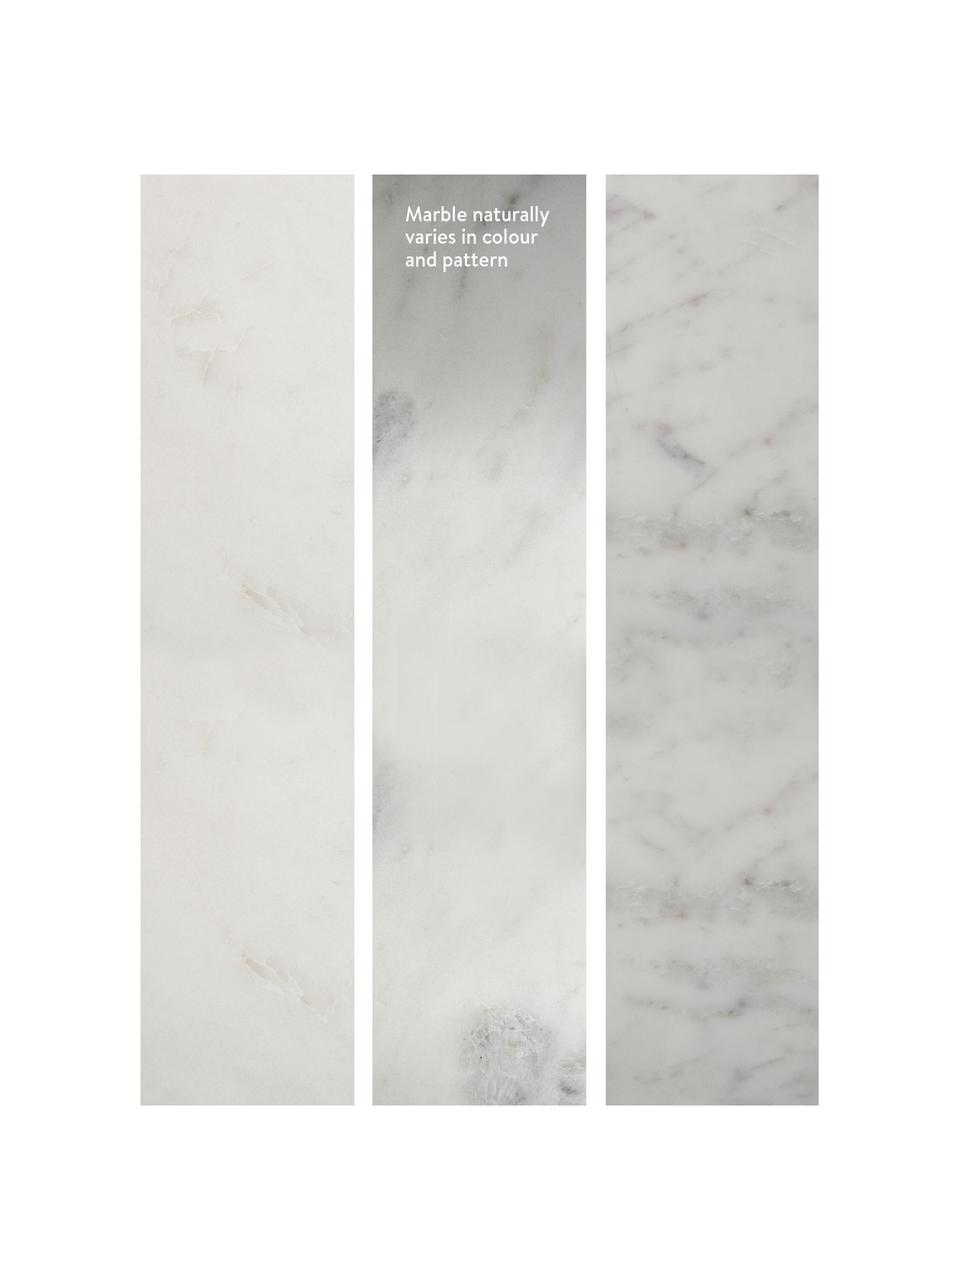 Runder Marmor-Beistelltisch Alys, Tischplatte: Marmor, Gestell: Metall, pulverbeschichtet, Weißer Marmor, Silberfarben, Ø 40 x H 50 cm